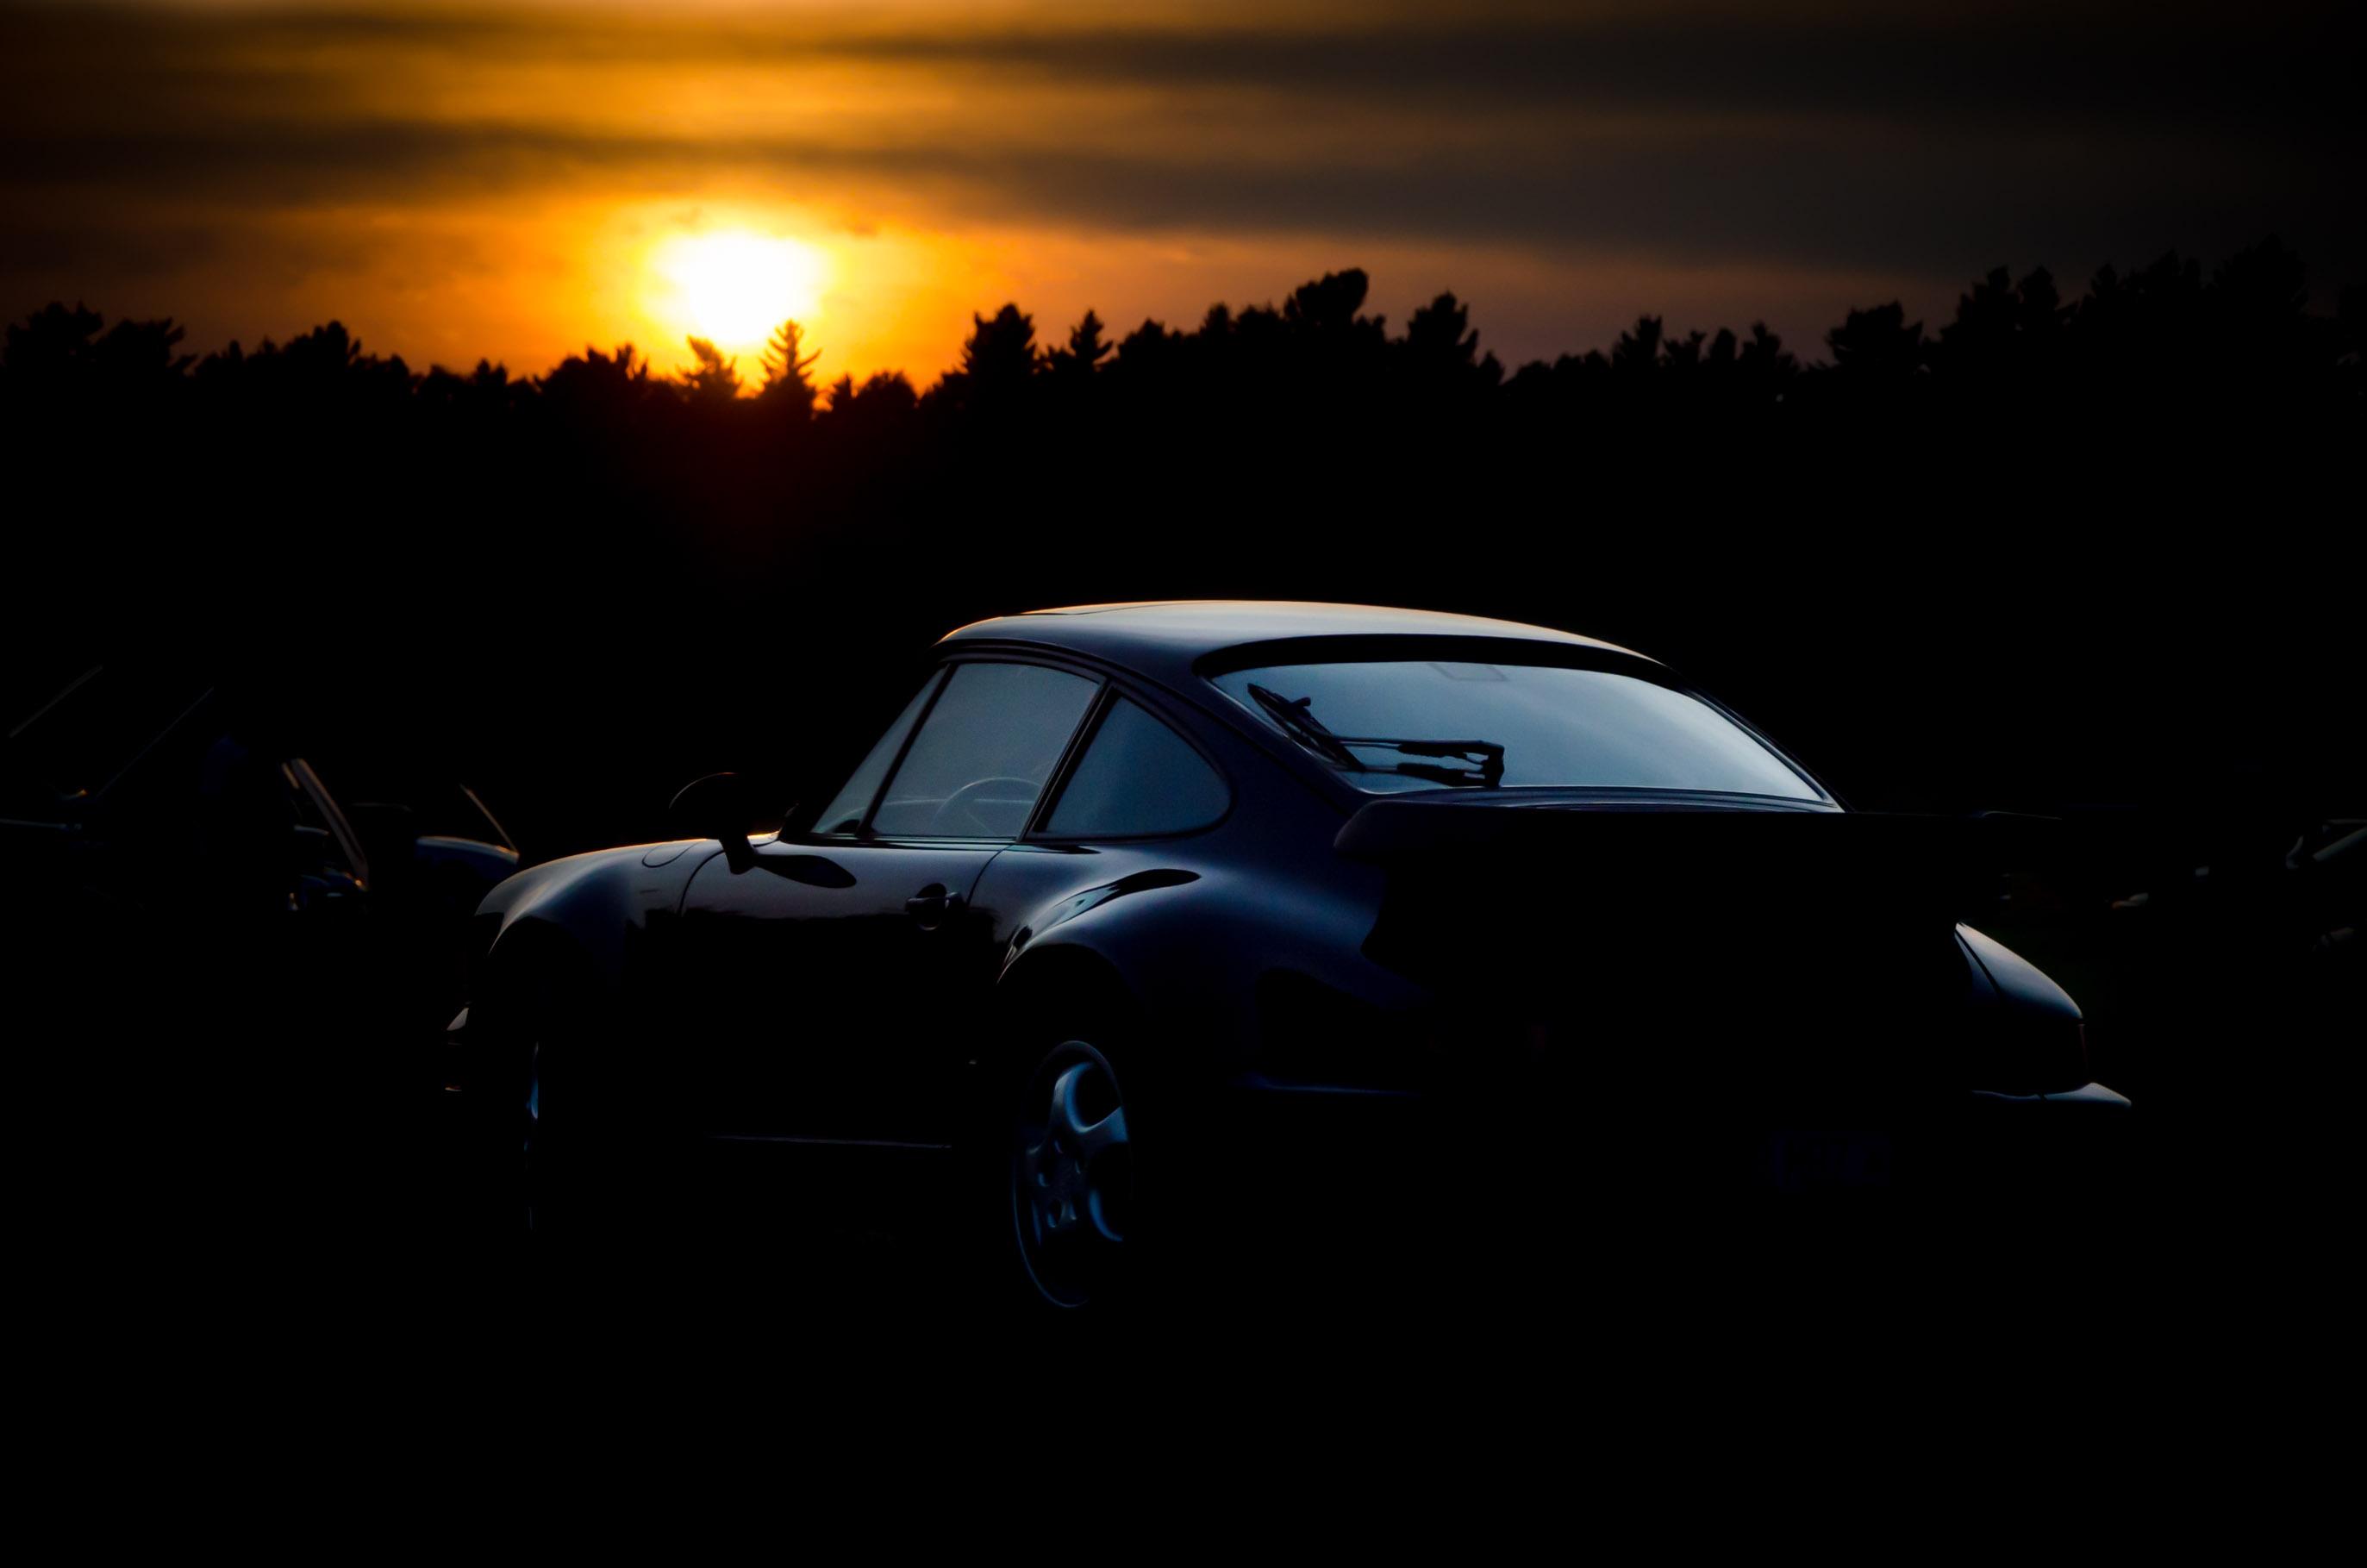 Beliebt Bevorzugt Porsche 911 Silhouette [OC] 1600x1060 : carporn &PE_96